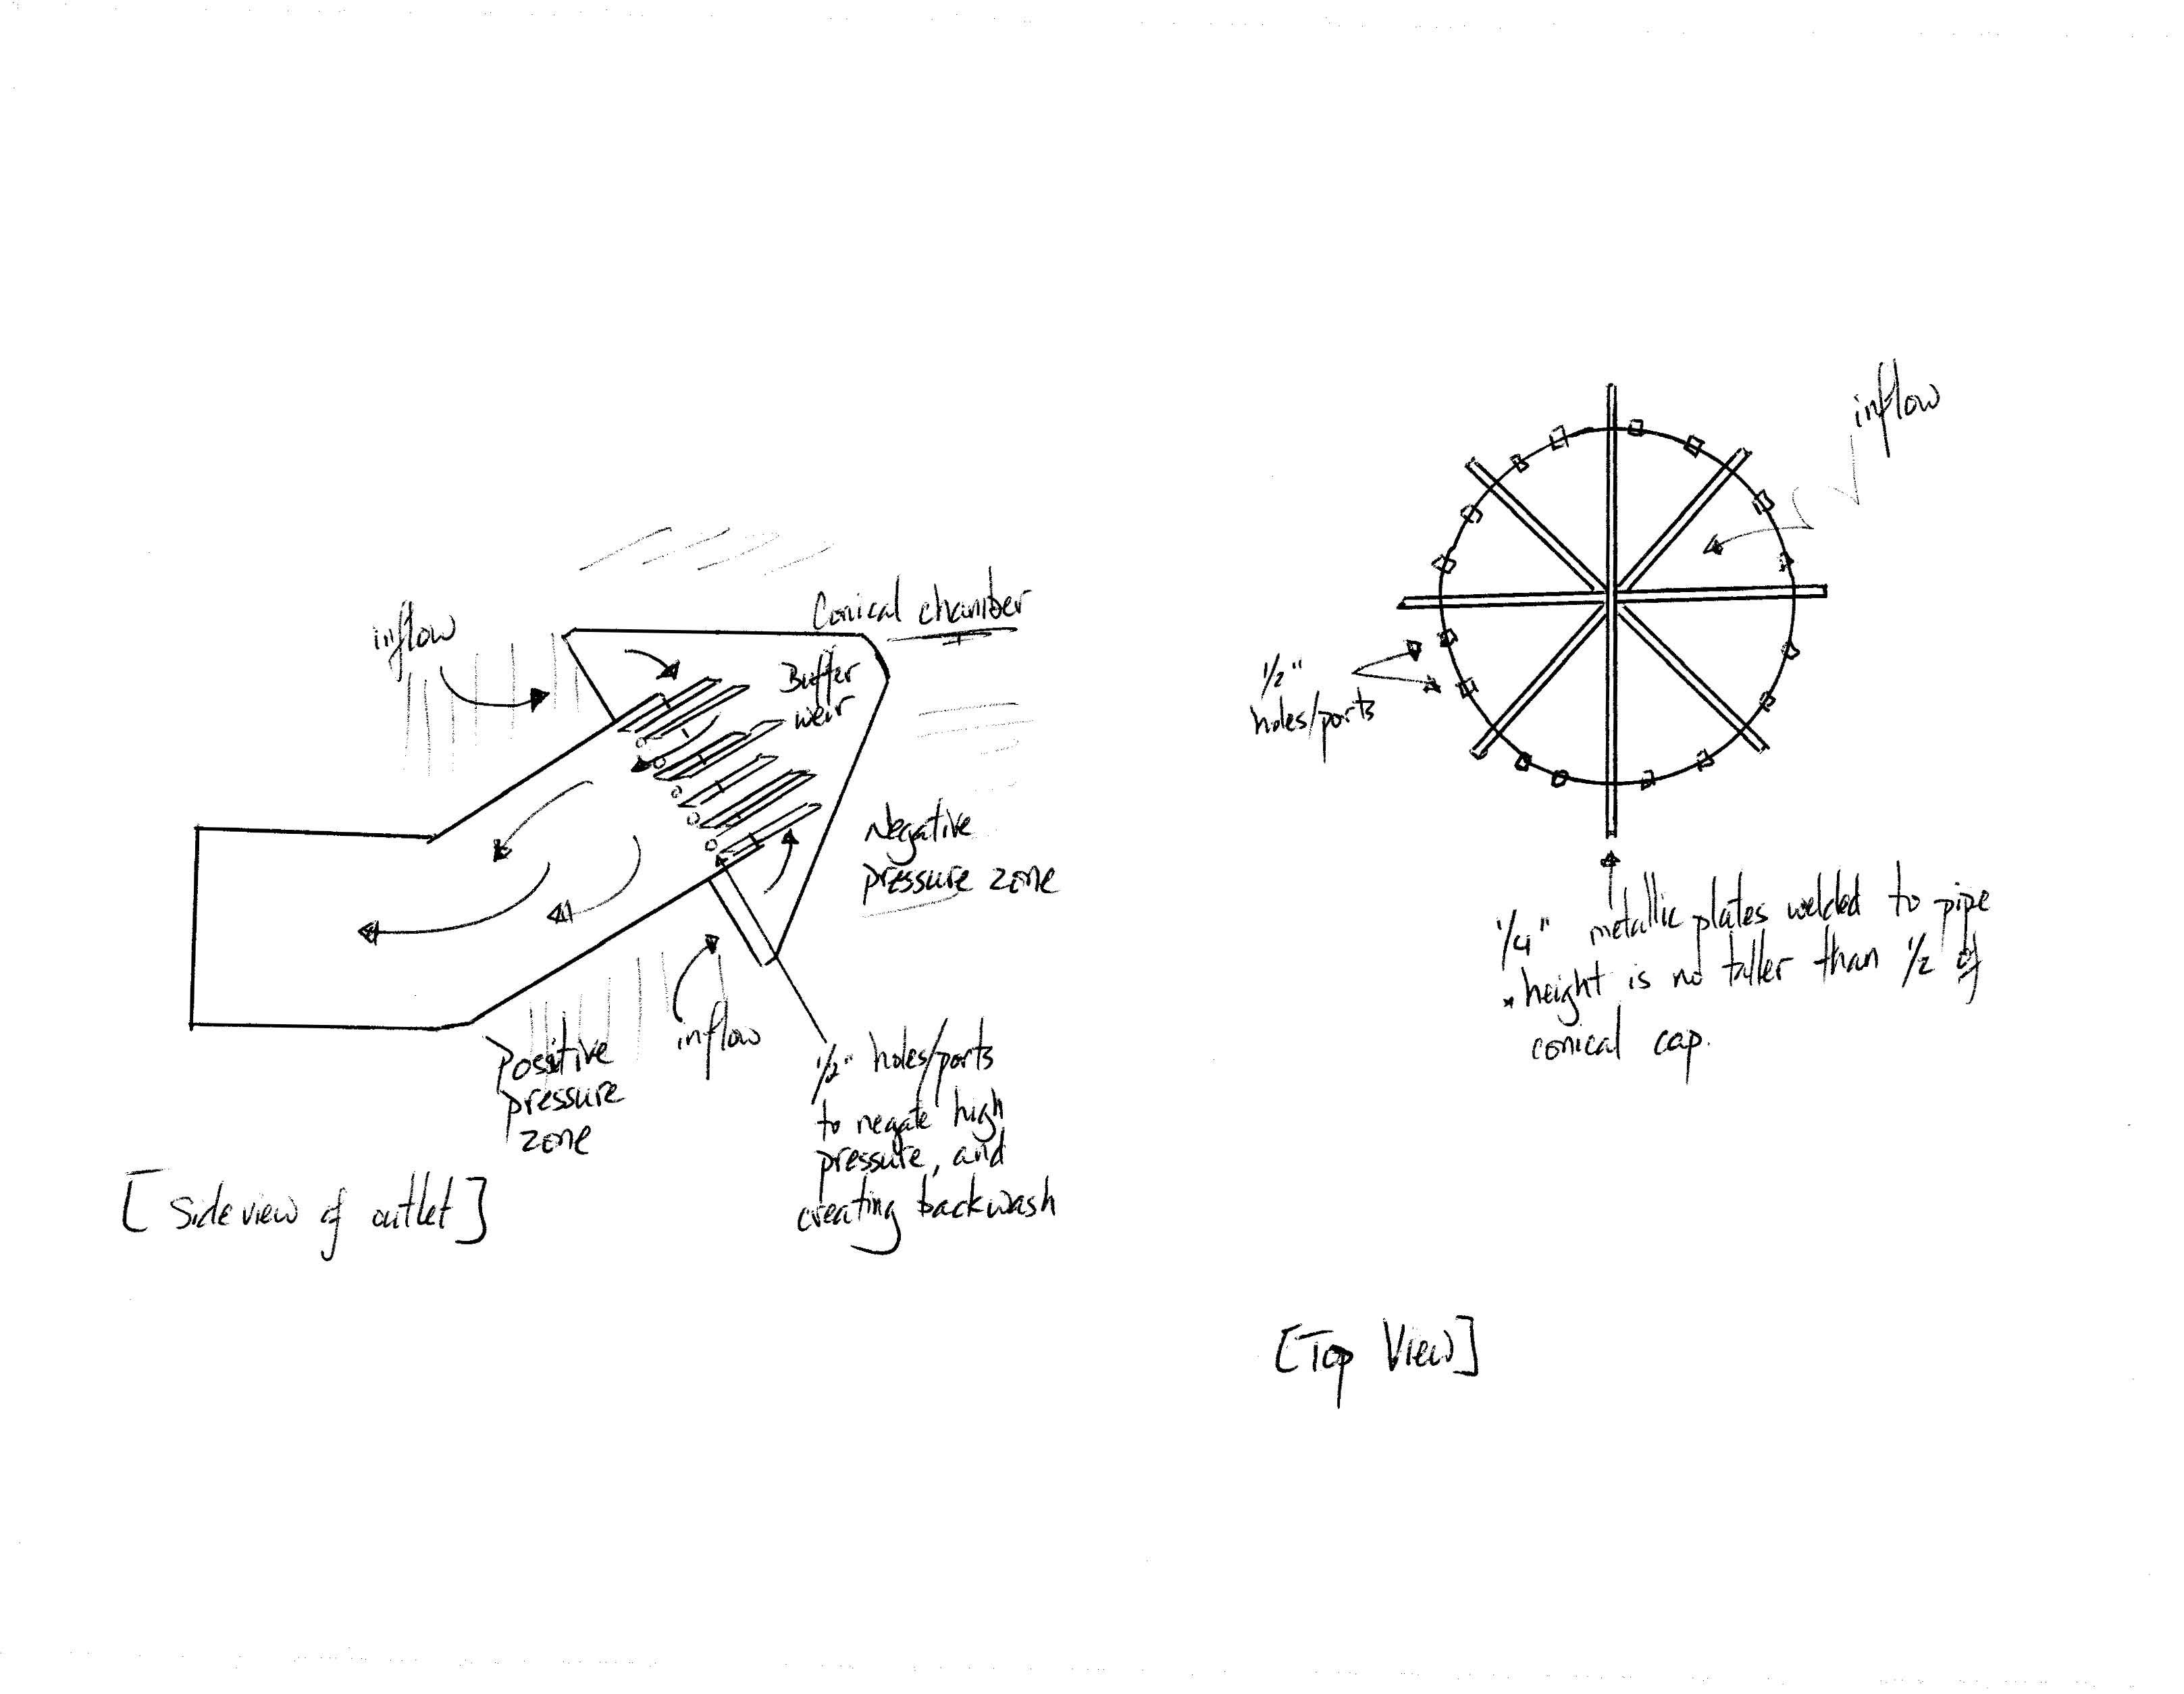 how to wire a genie garage door opener diagram images genie garage door opener parts besides wire diagram for overhead door